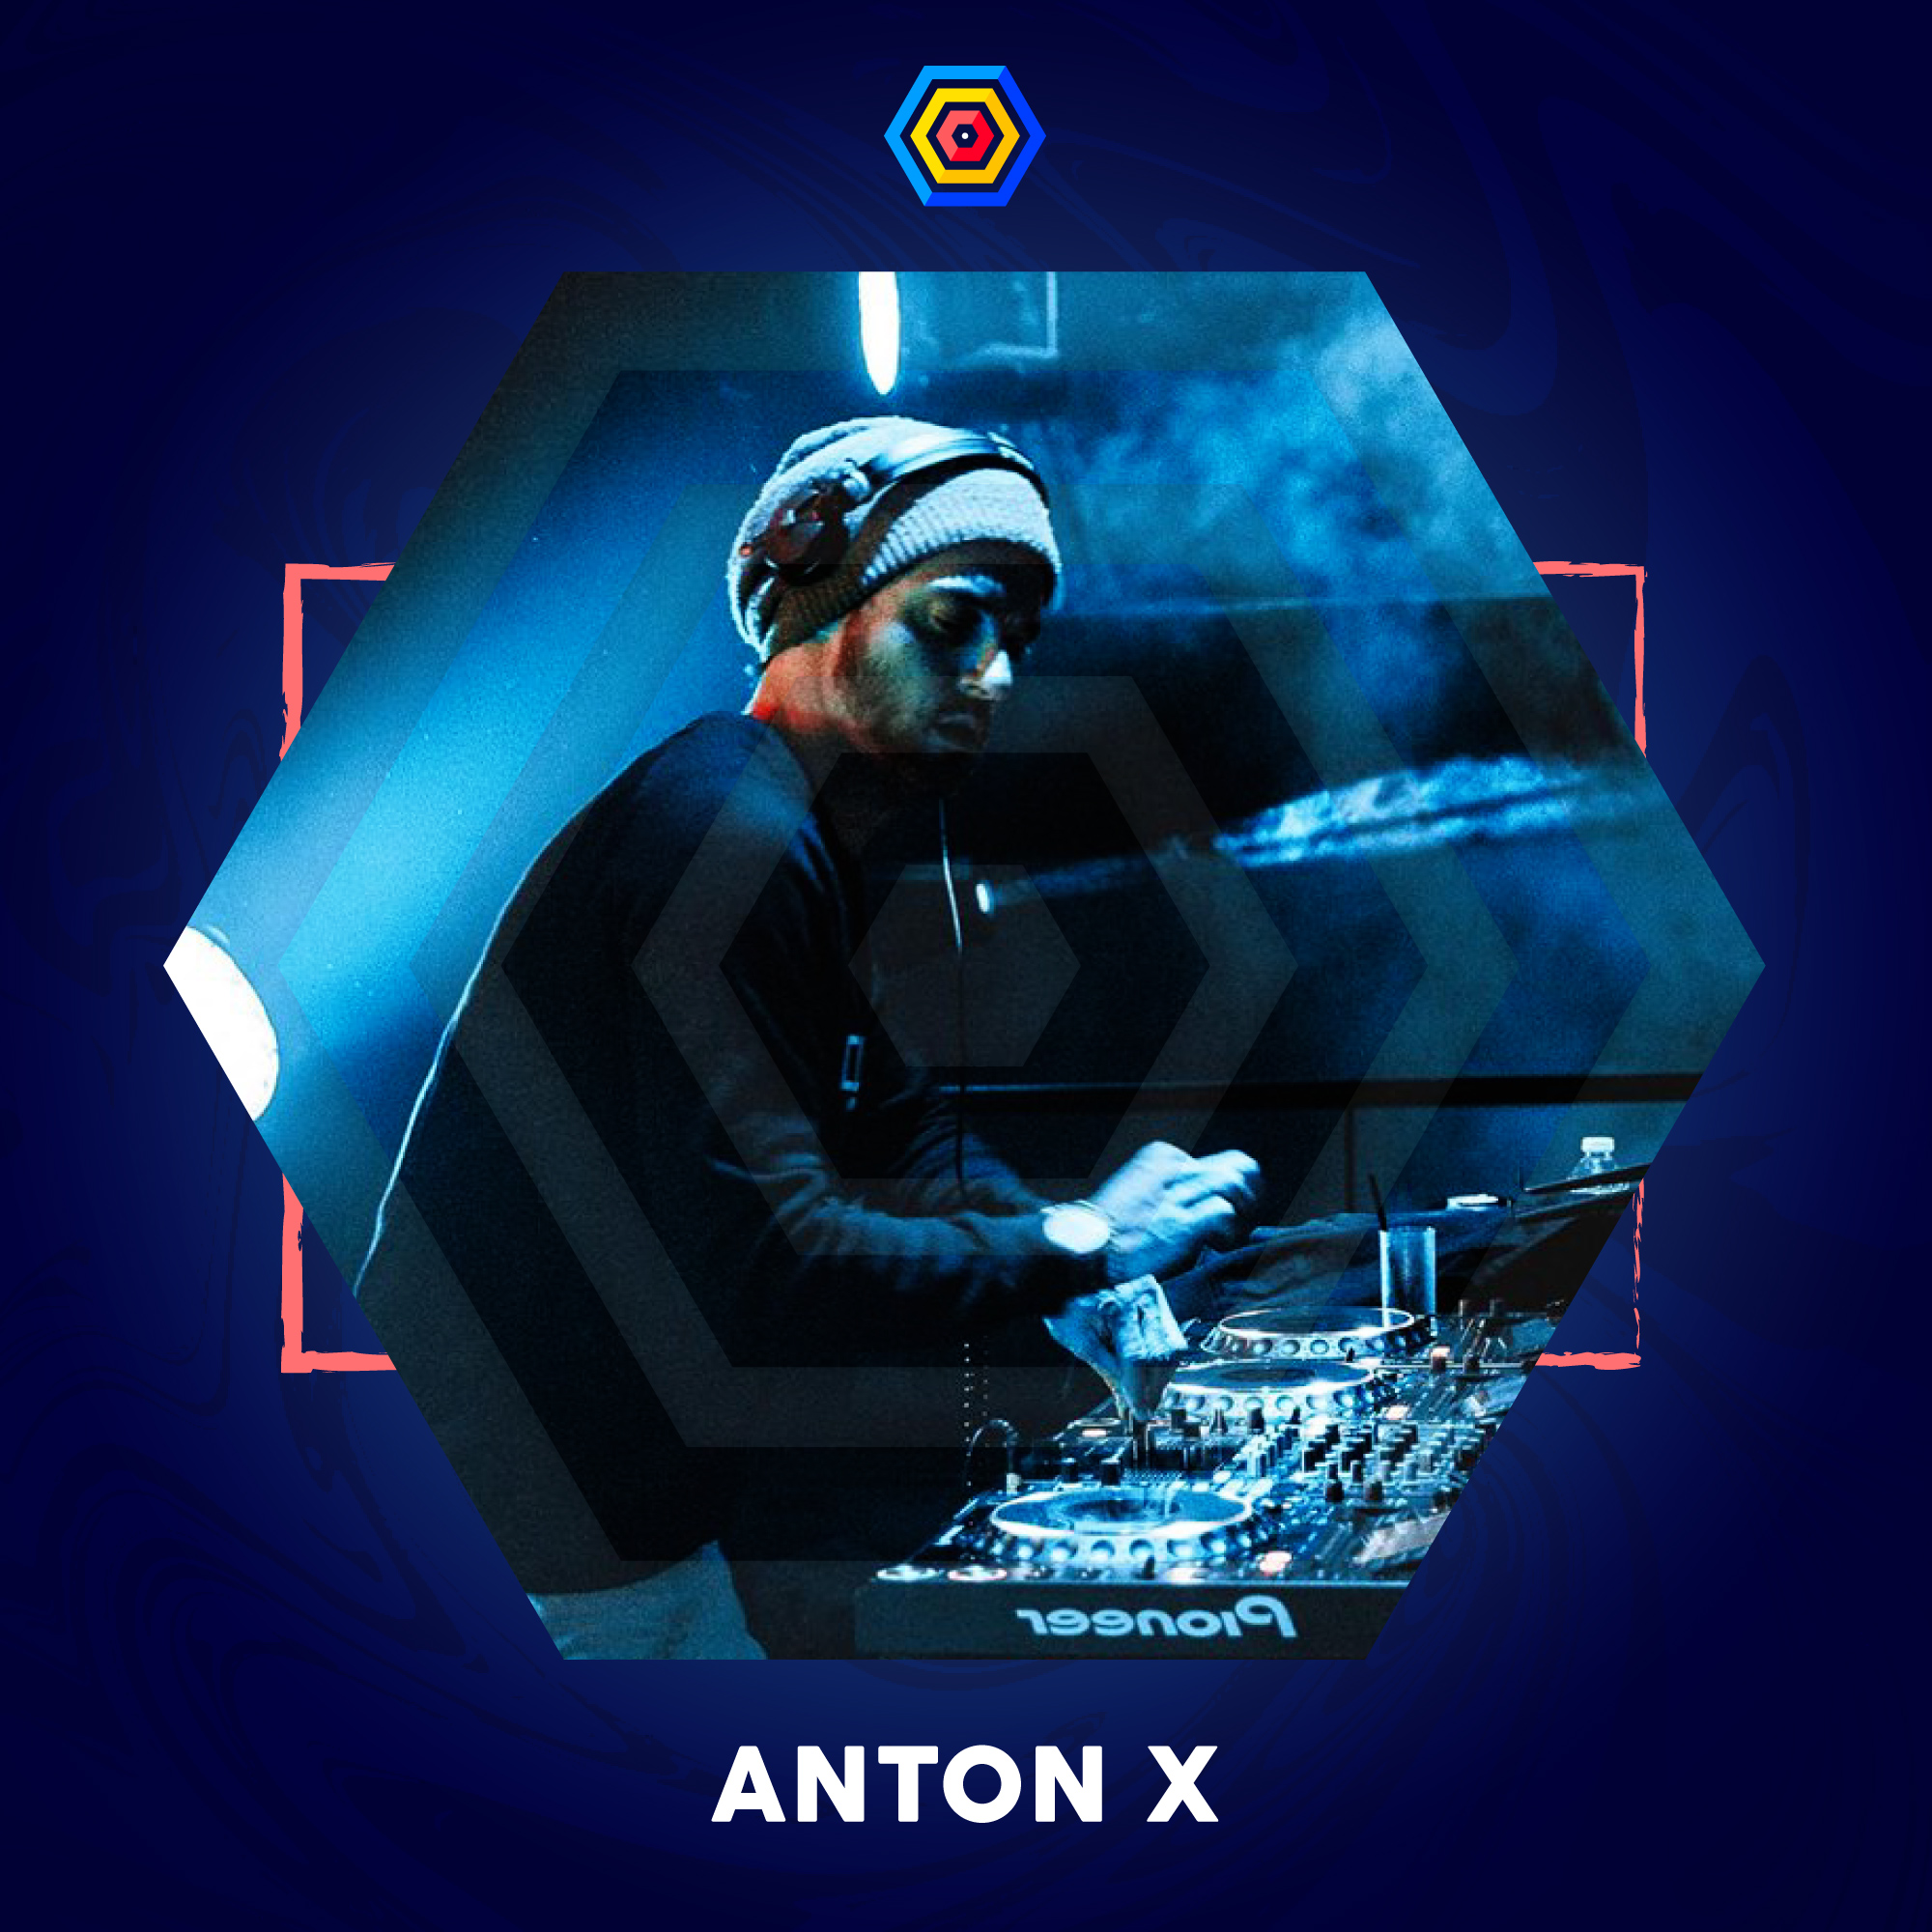 Anton-X